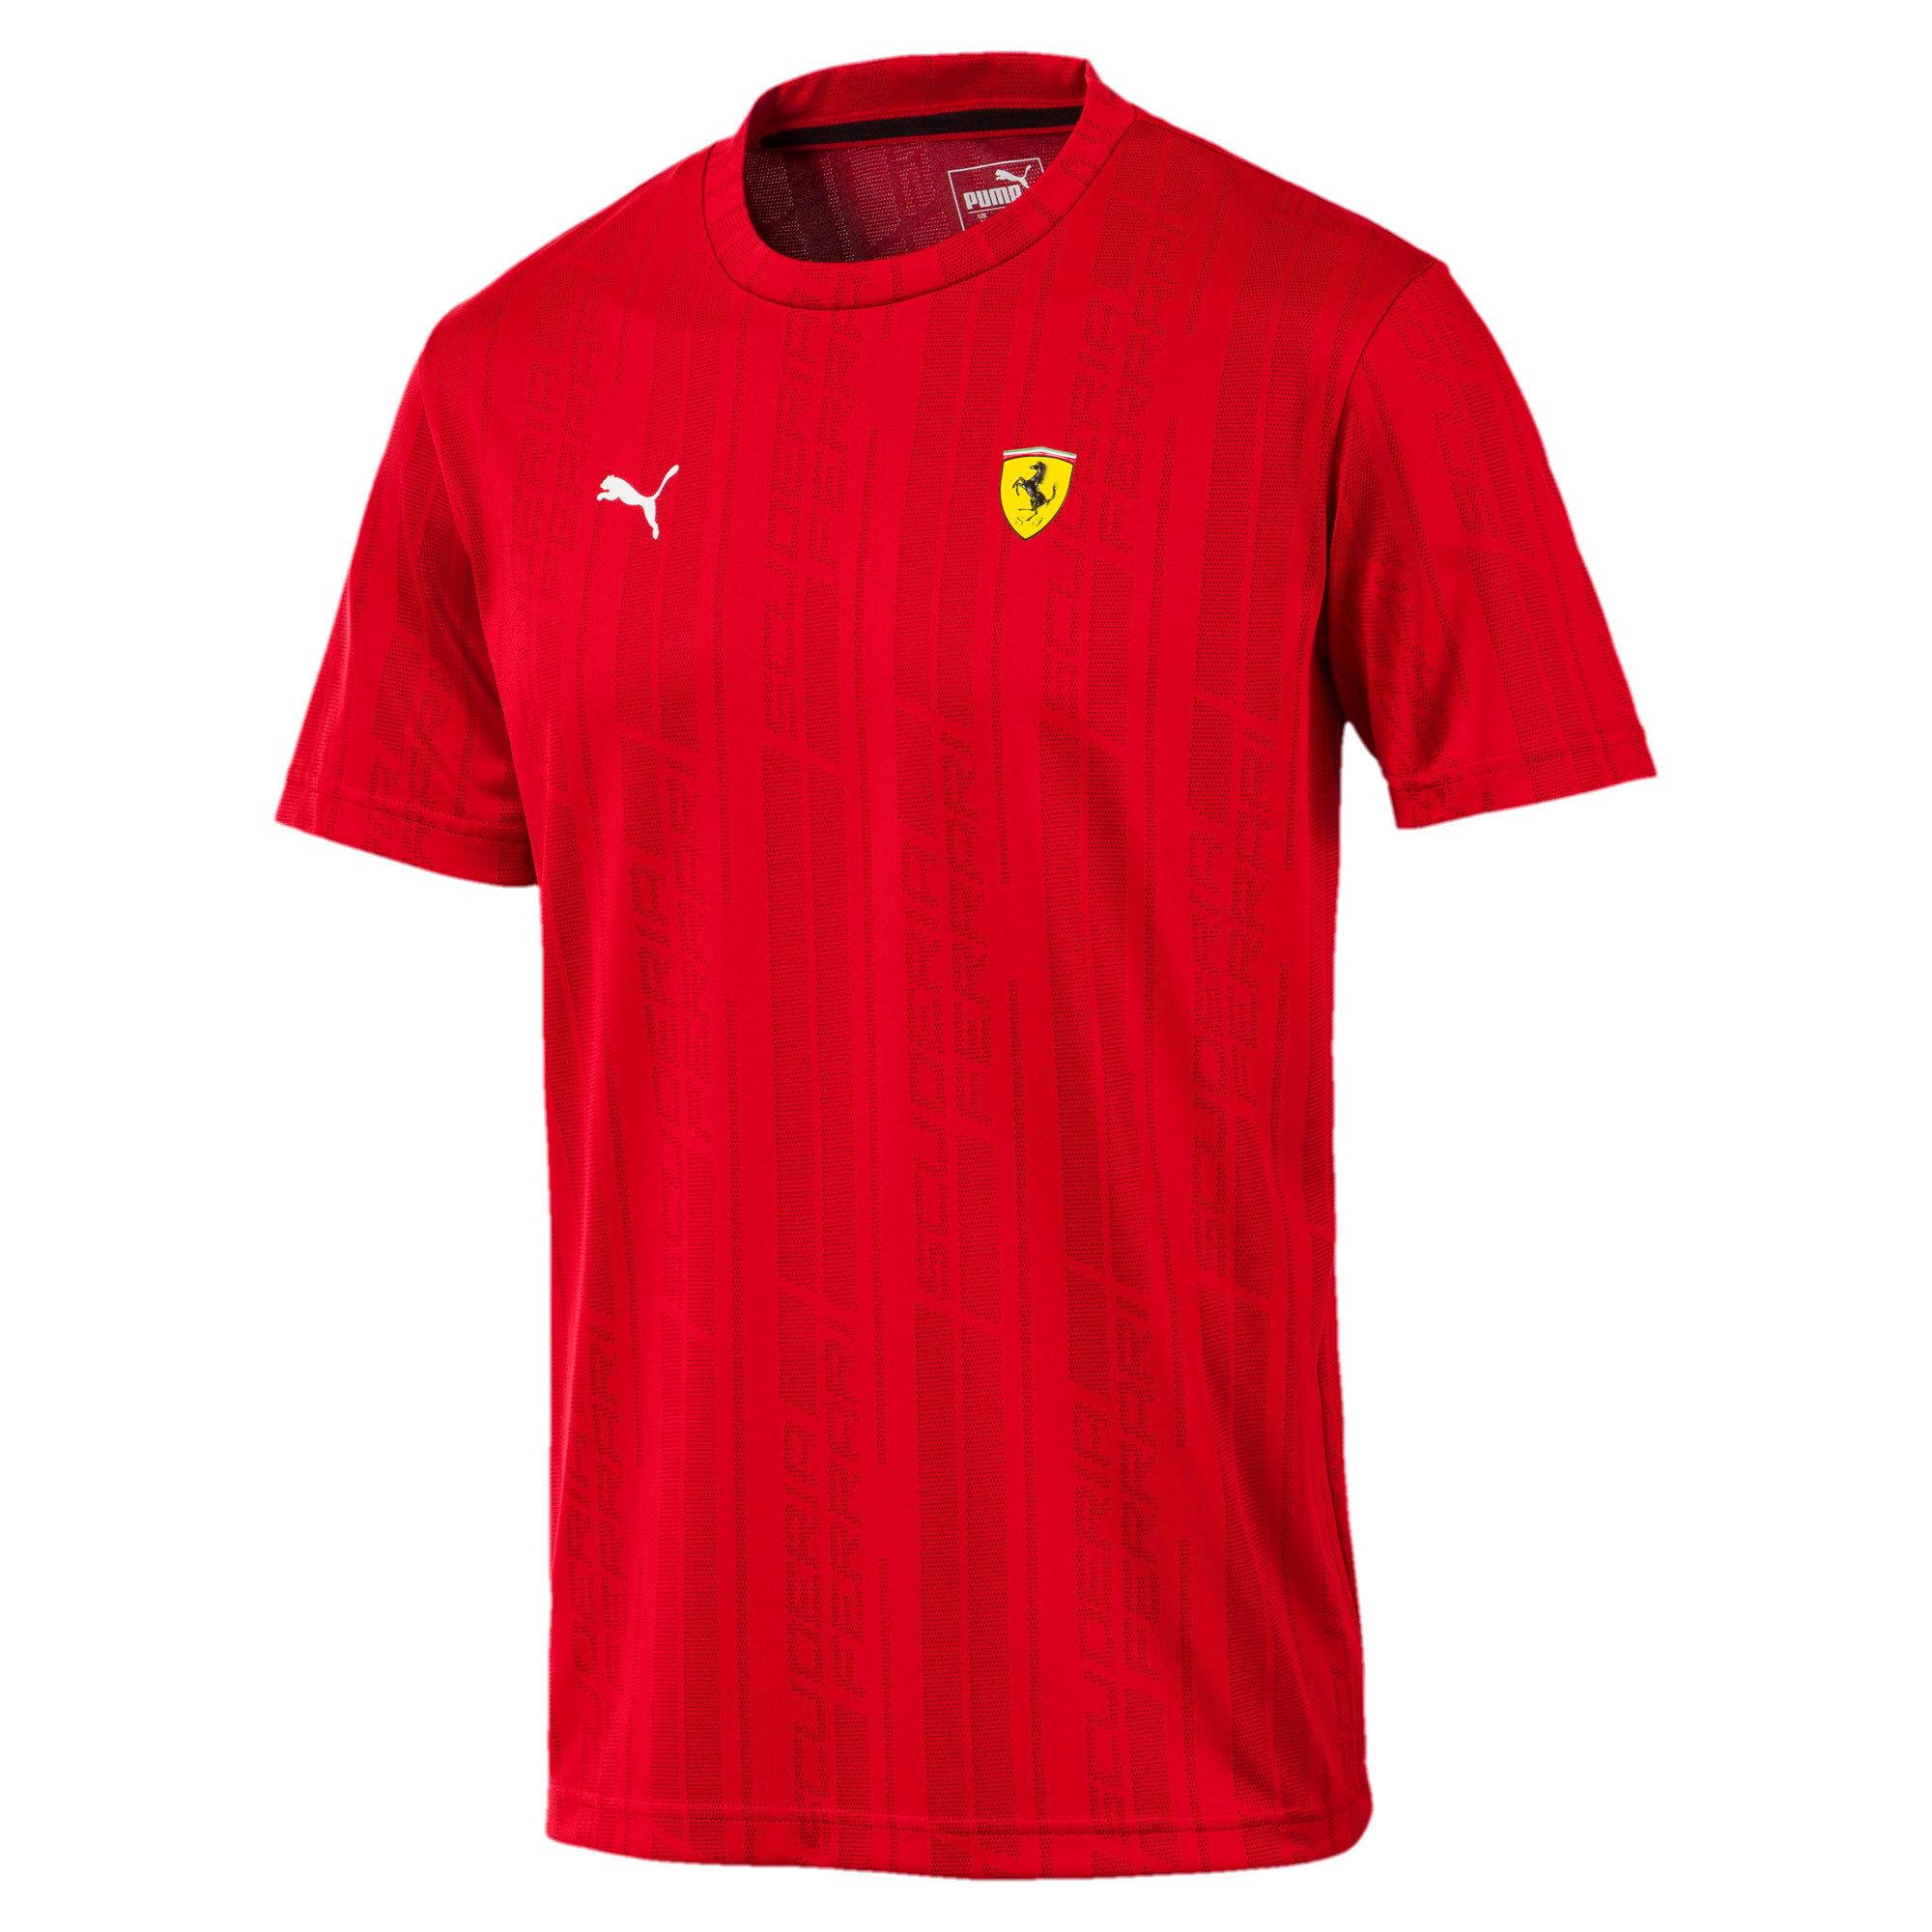 Thumbnail 1 of Ferrari Men's Jacquard T-Shirt, Rosso Corsa, medium-IND